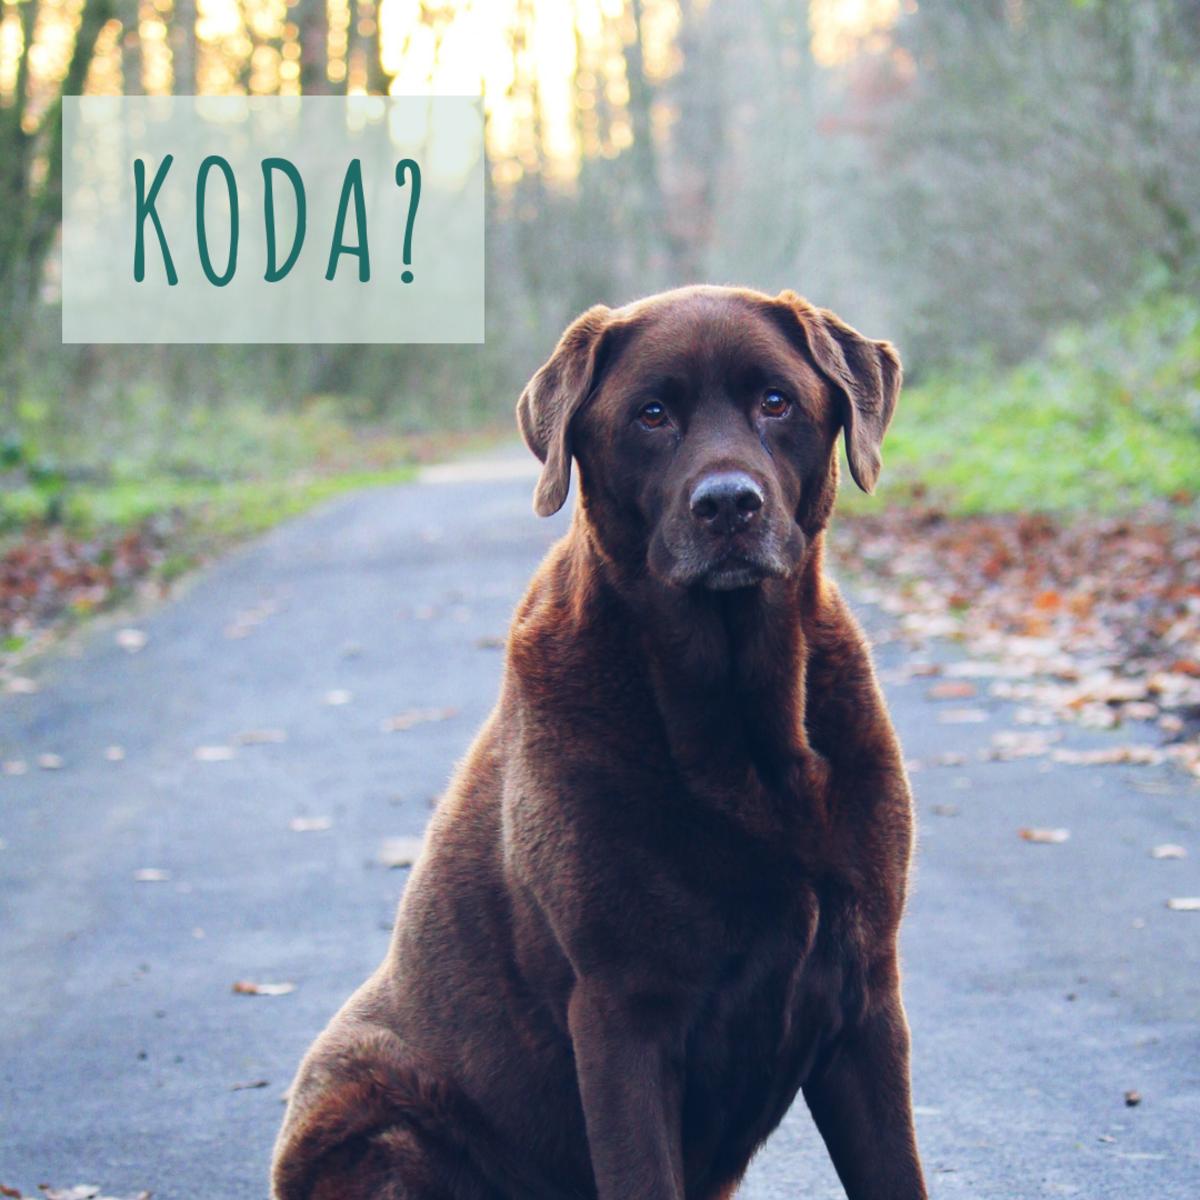 Is she a Koda?